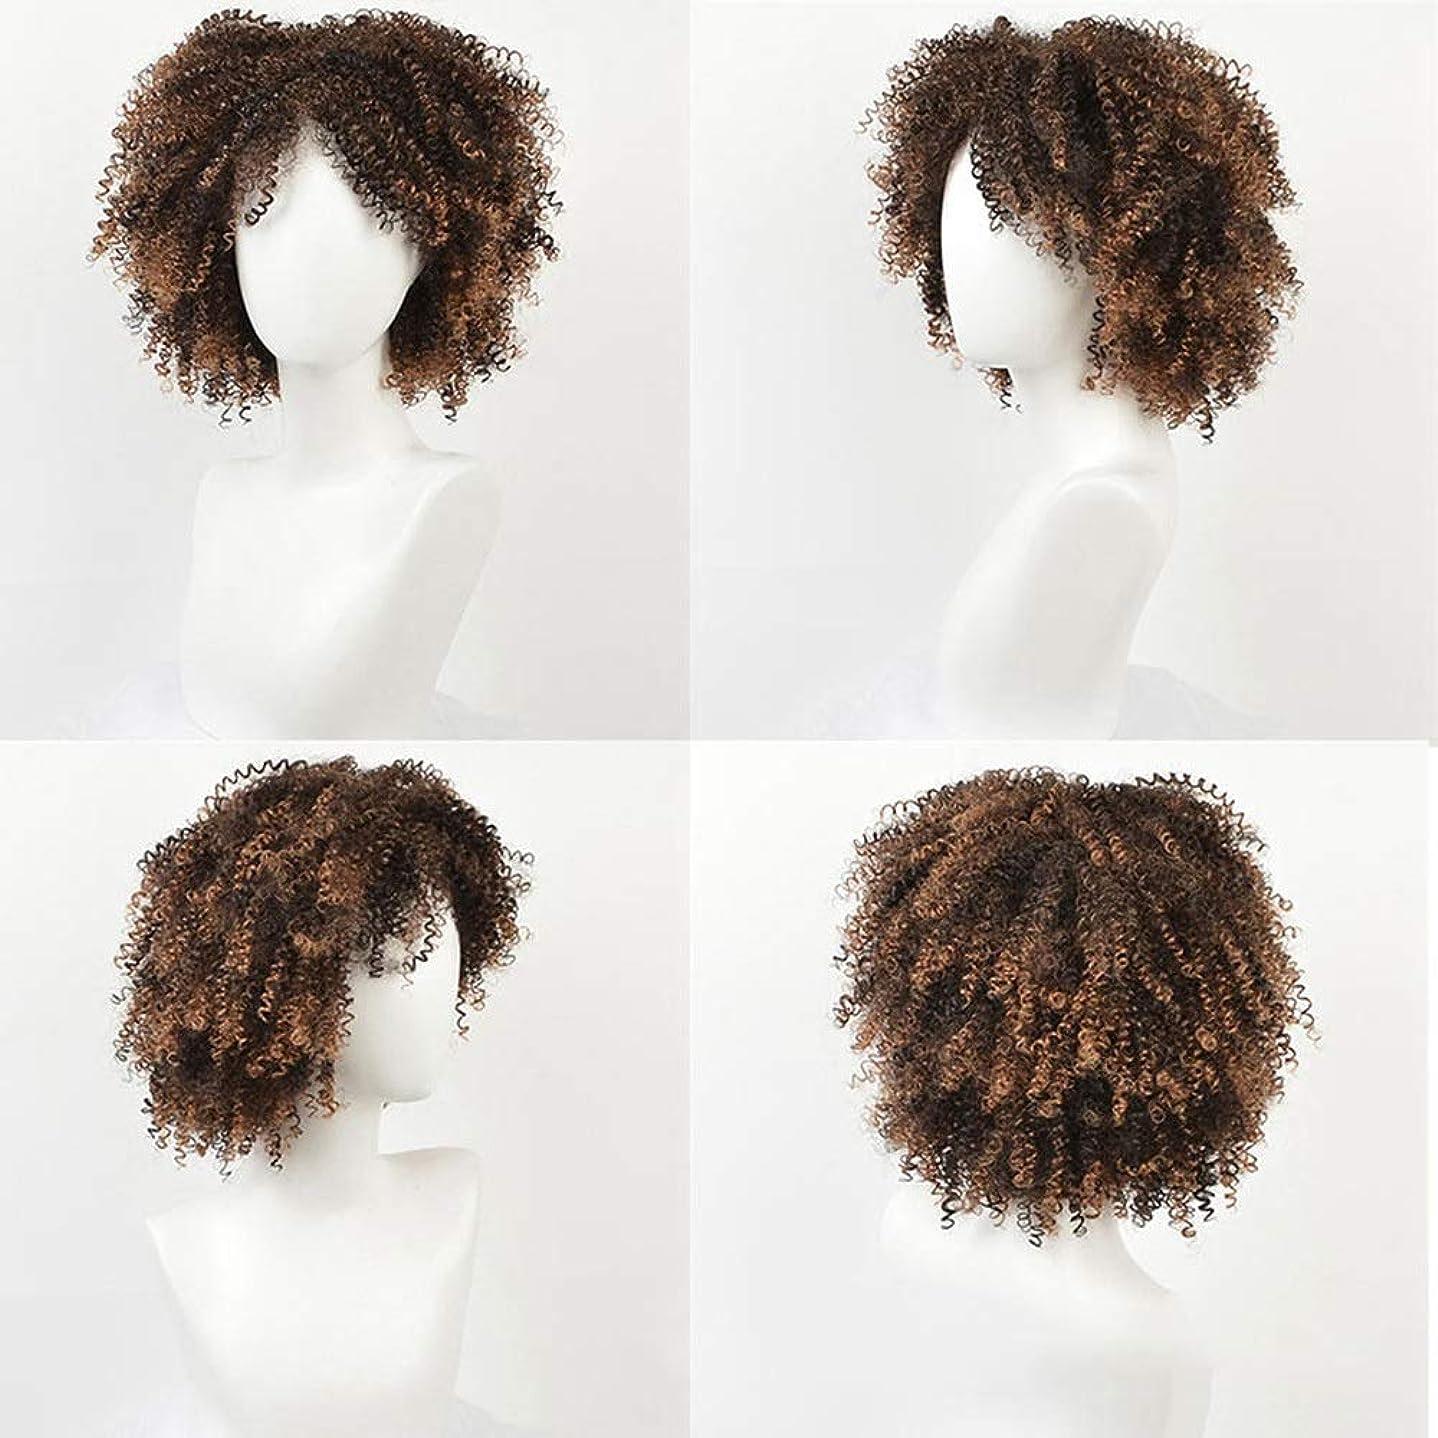 コーナー頭流行BOBIDYEE 変態巻き毛のかつらアフリカの黒人女性の爆発ヘッド14インチ小さな巻き毛の化学繊維かつらパーティーかつら (色 : C-2)